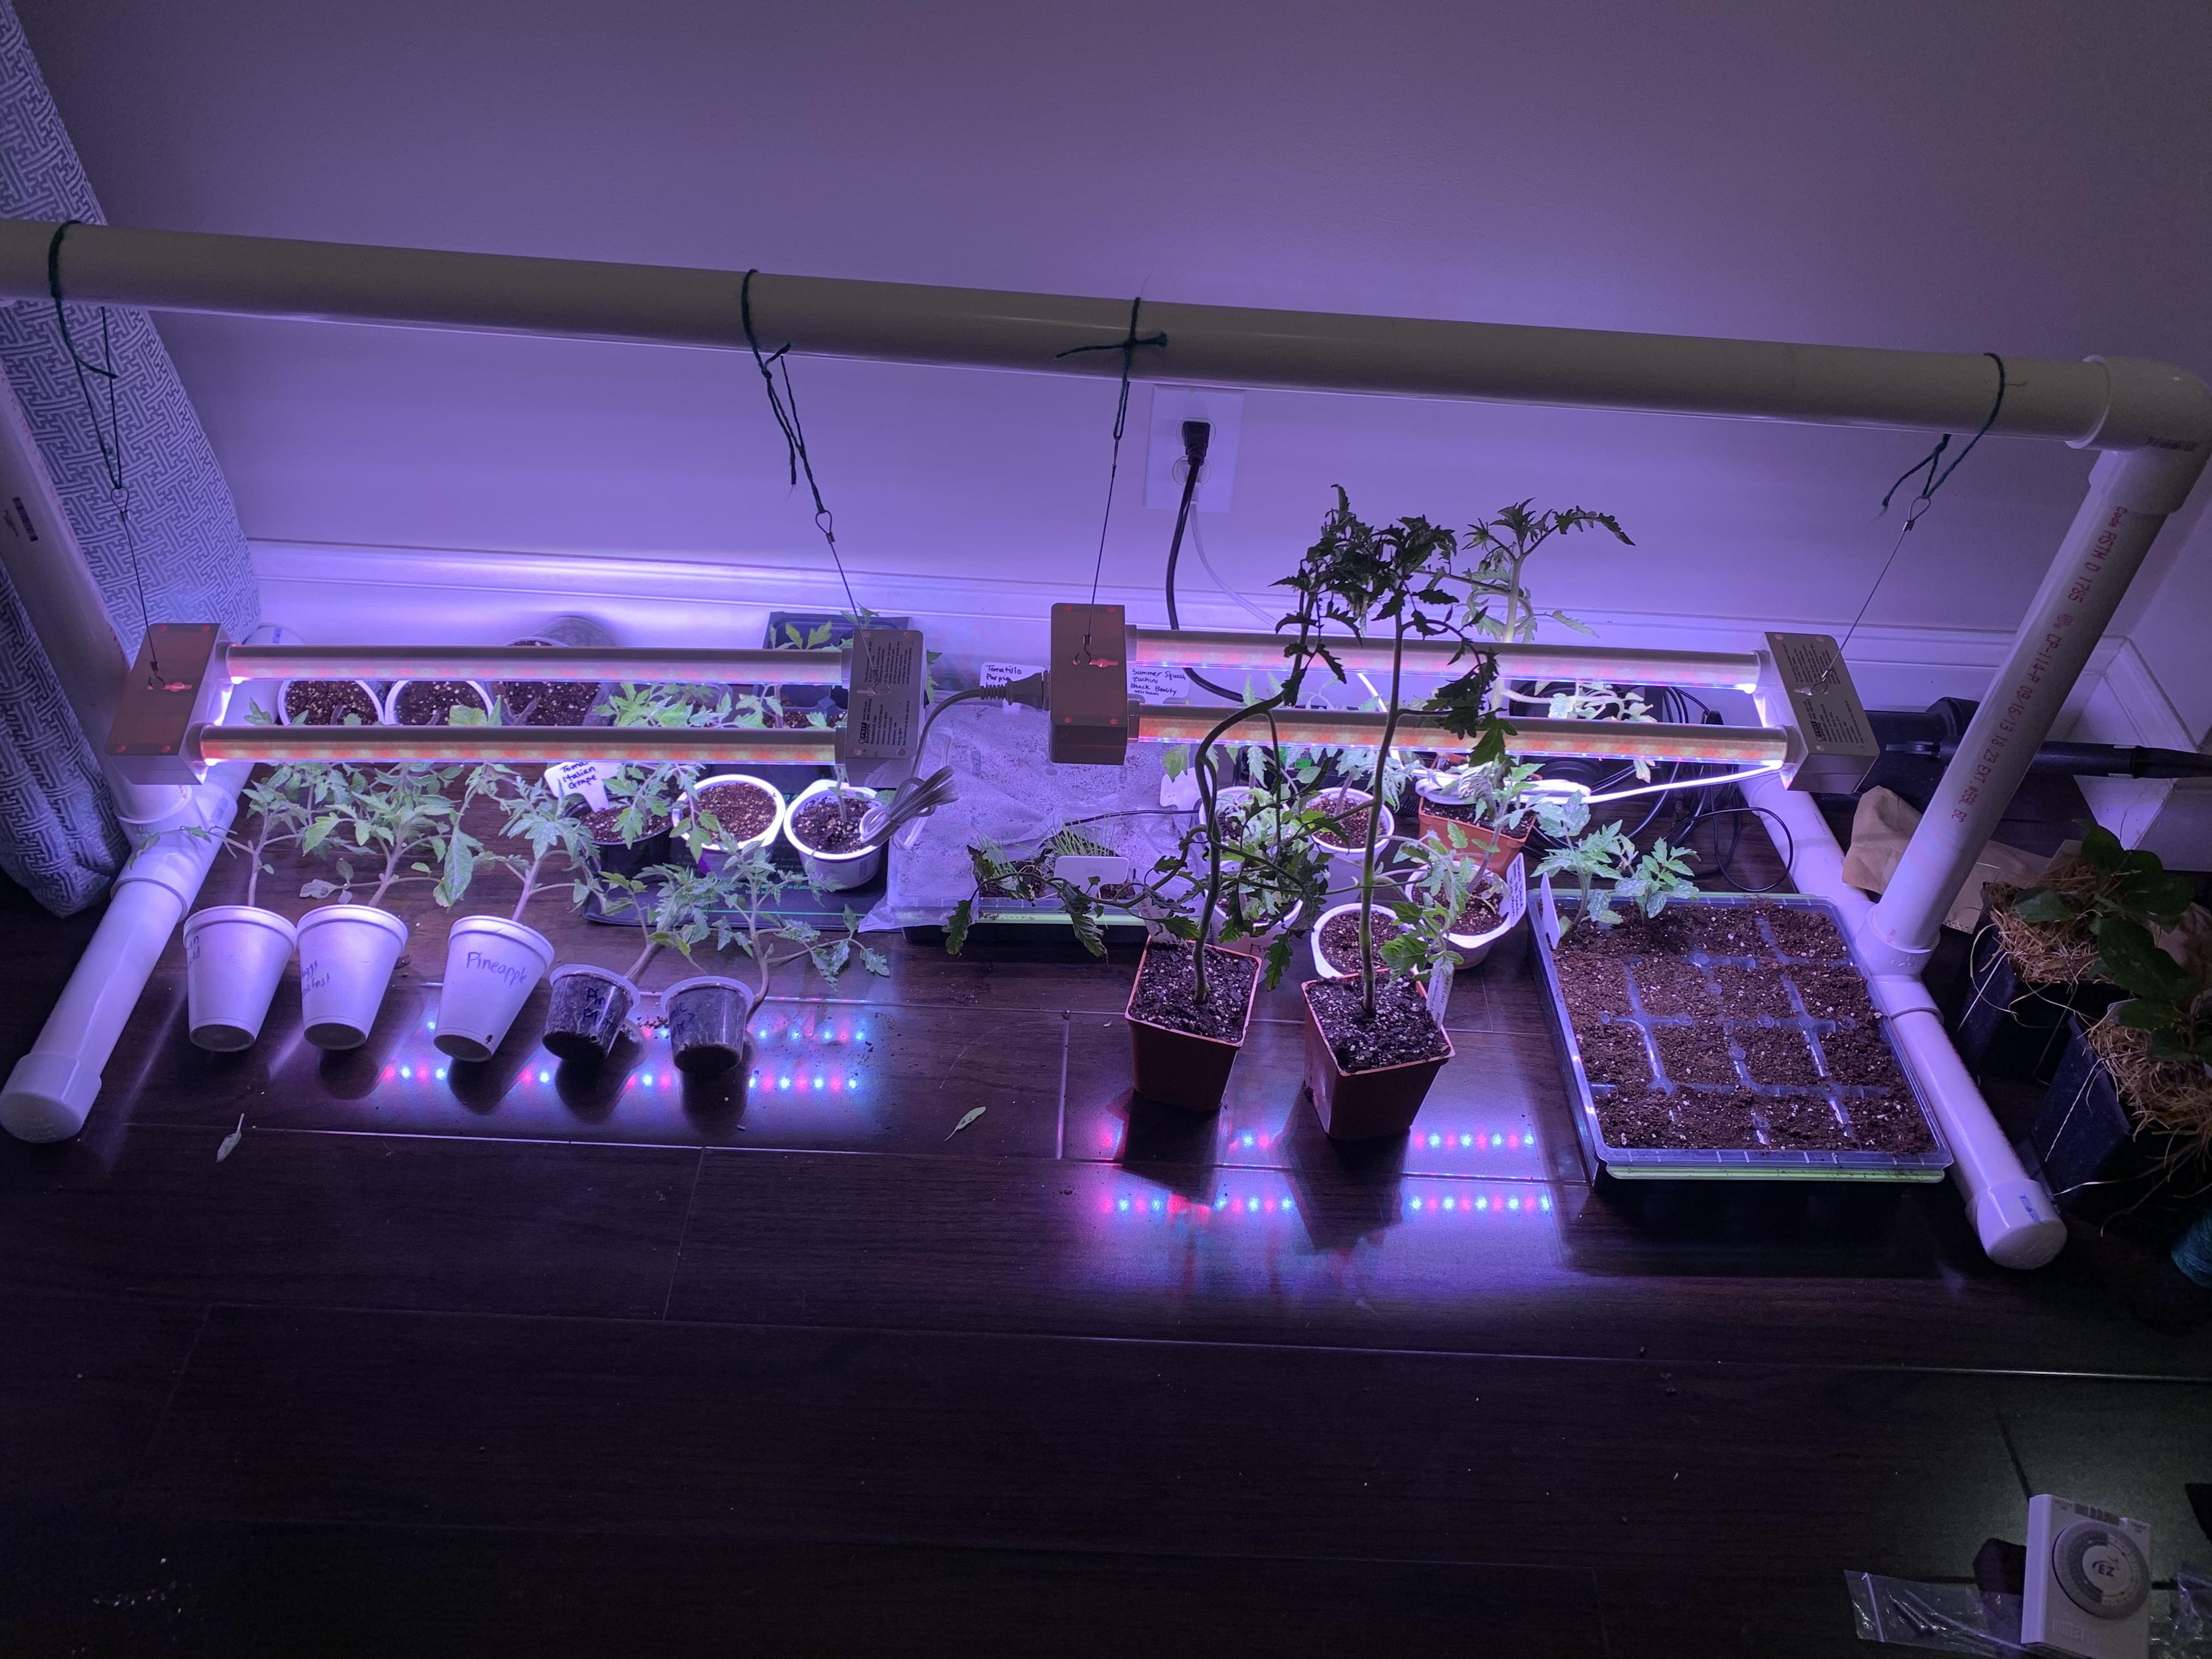 EF516728 3C5E 47F9 9952 53135909EE32 Self-control when gardening